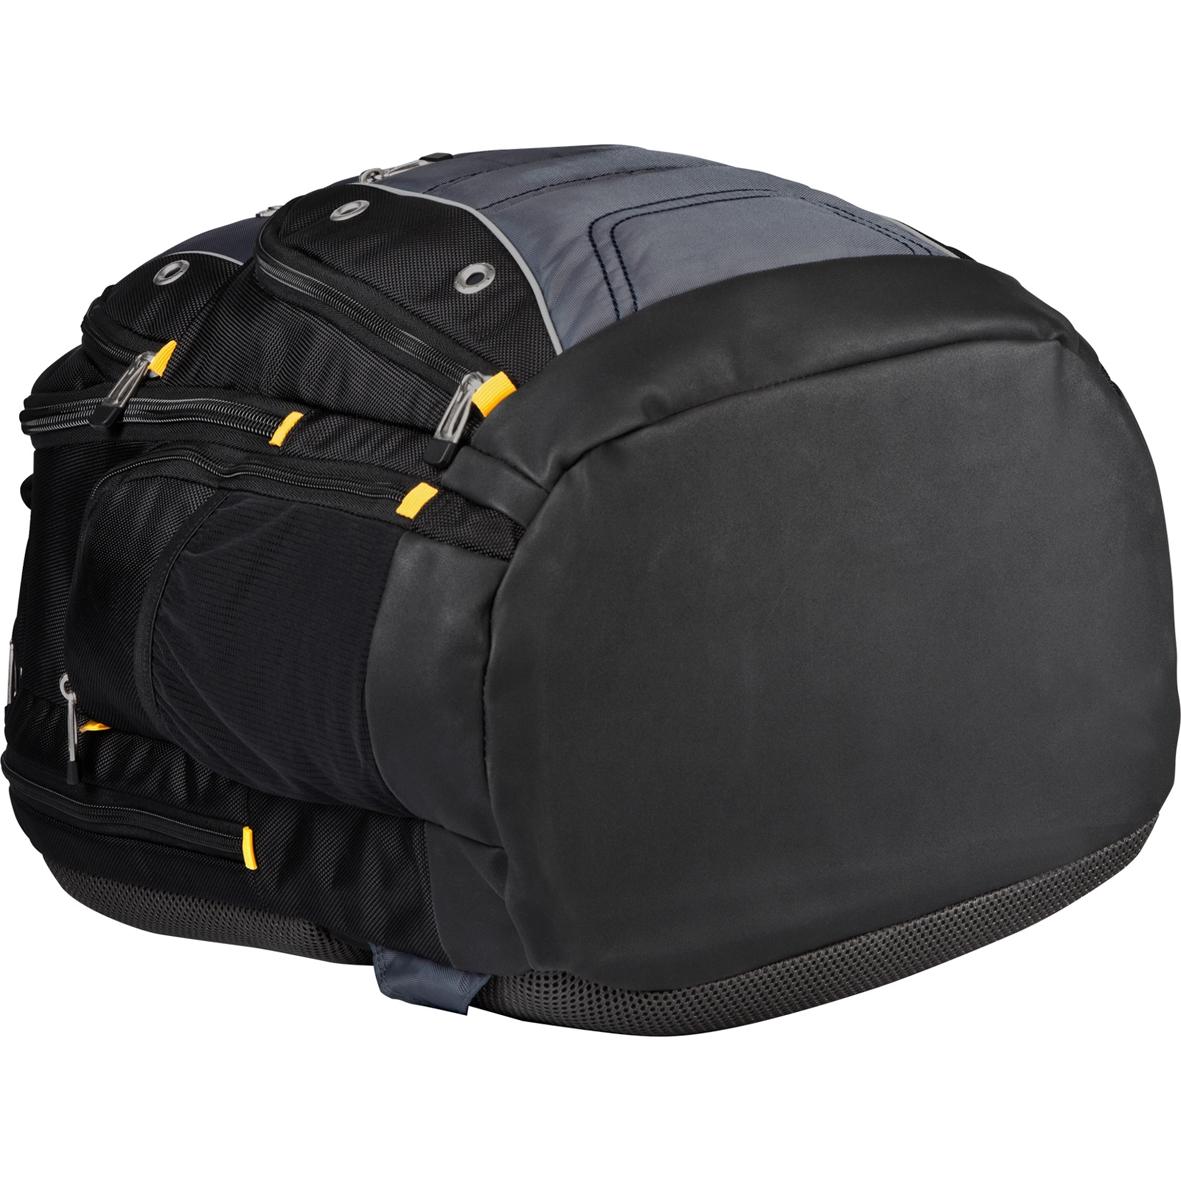 drifter sac dos pour ordinateur portable taille 15 6 noir gris. Black Bedroom Furniture Sets. Home Design Ideas